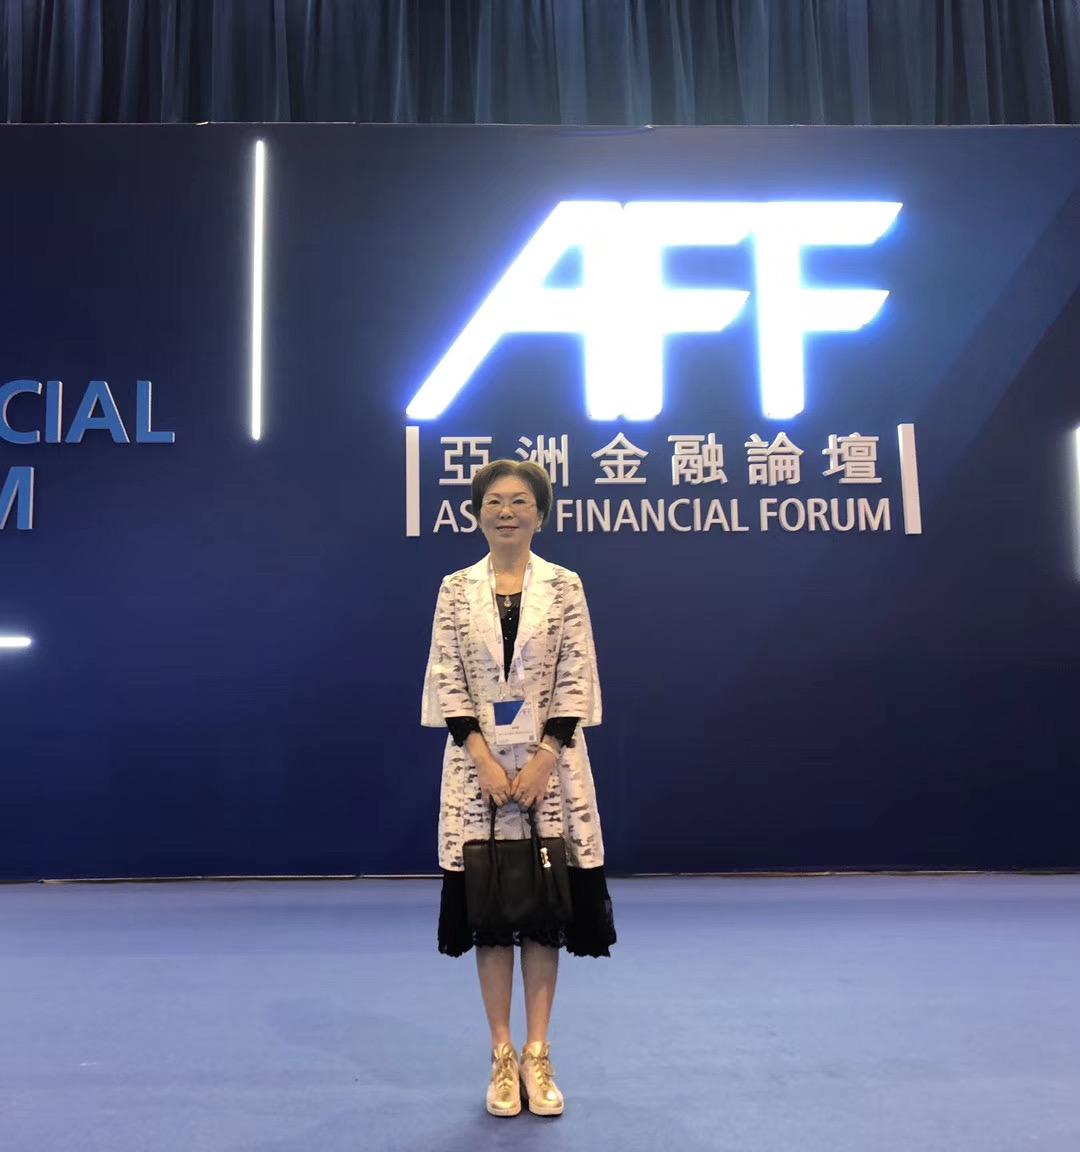 亚洲金融论坛